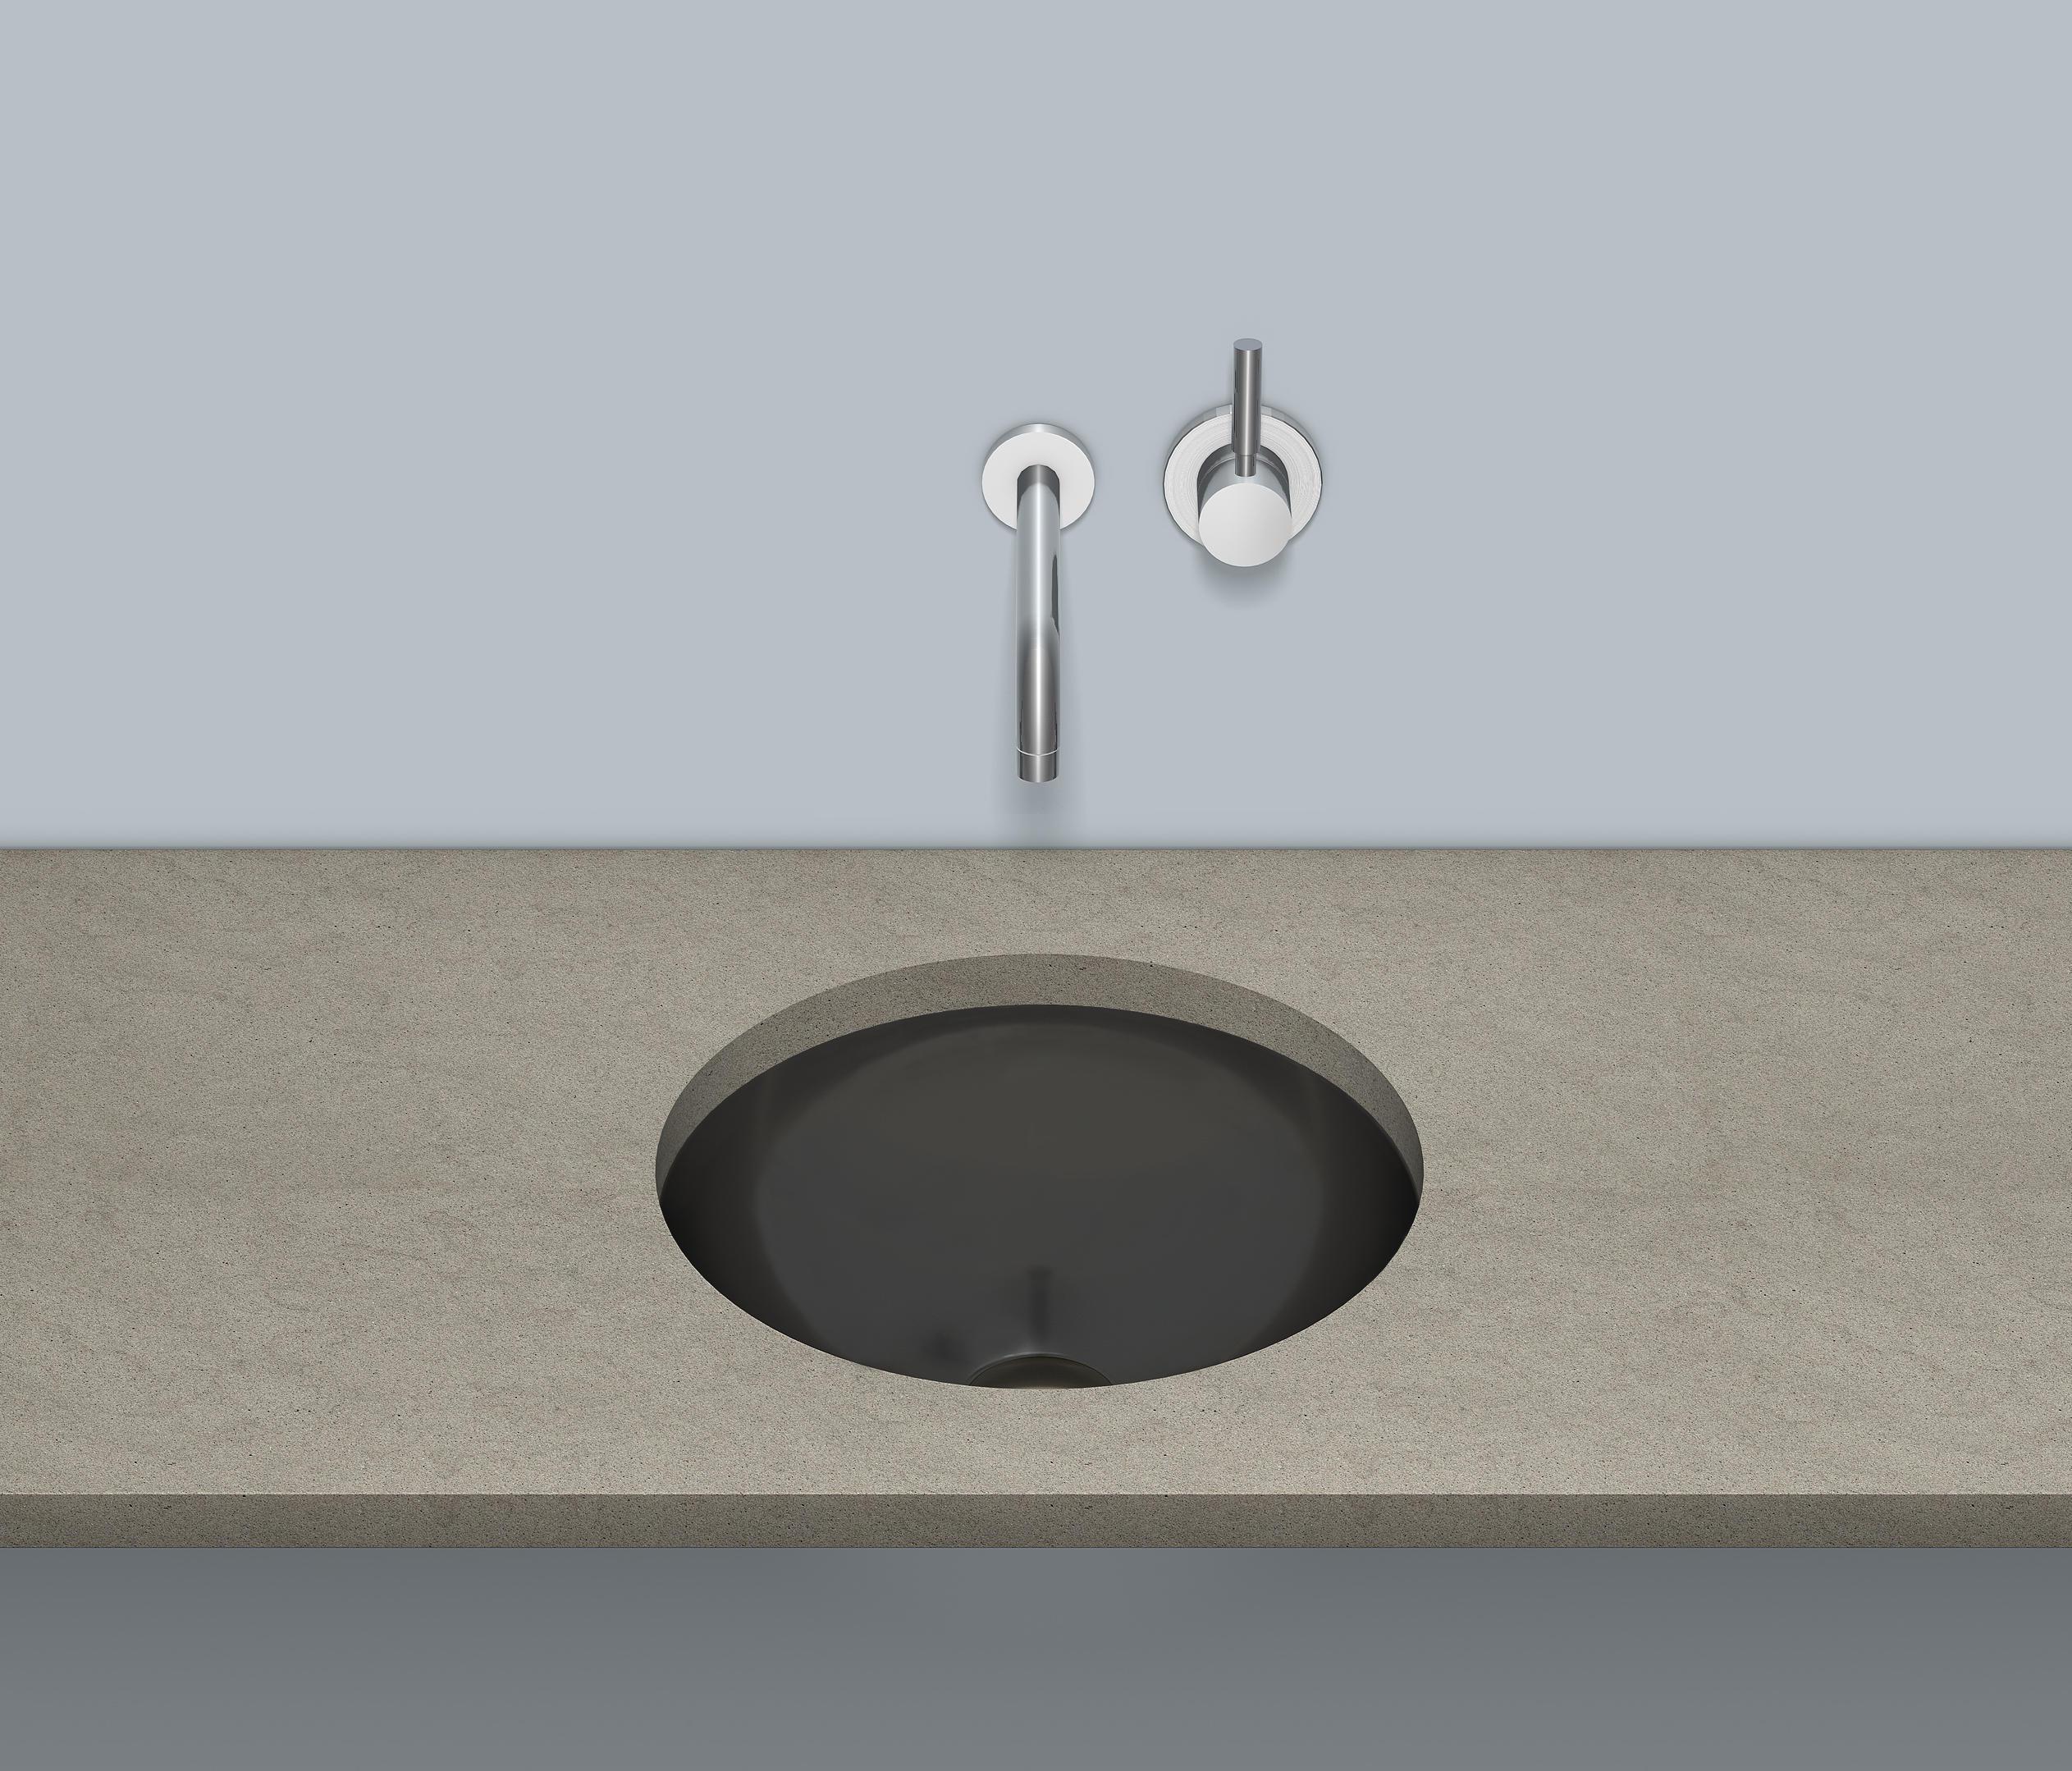 UB.K400 - Wash basins from Alape | Architonic